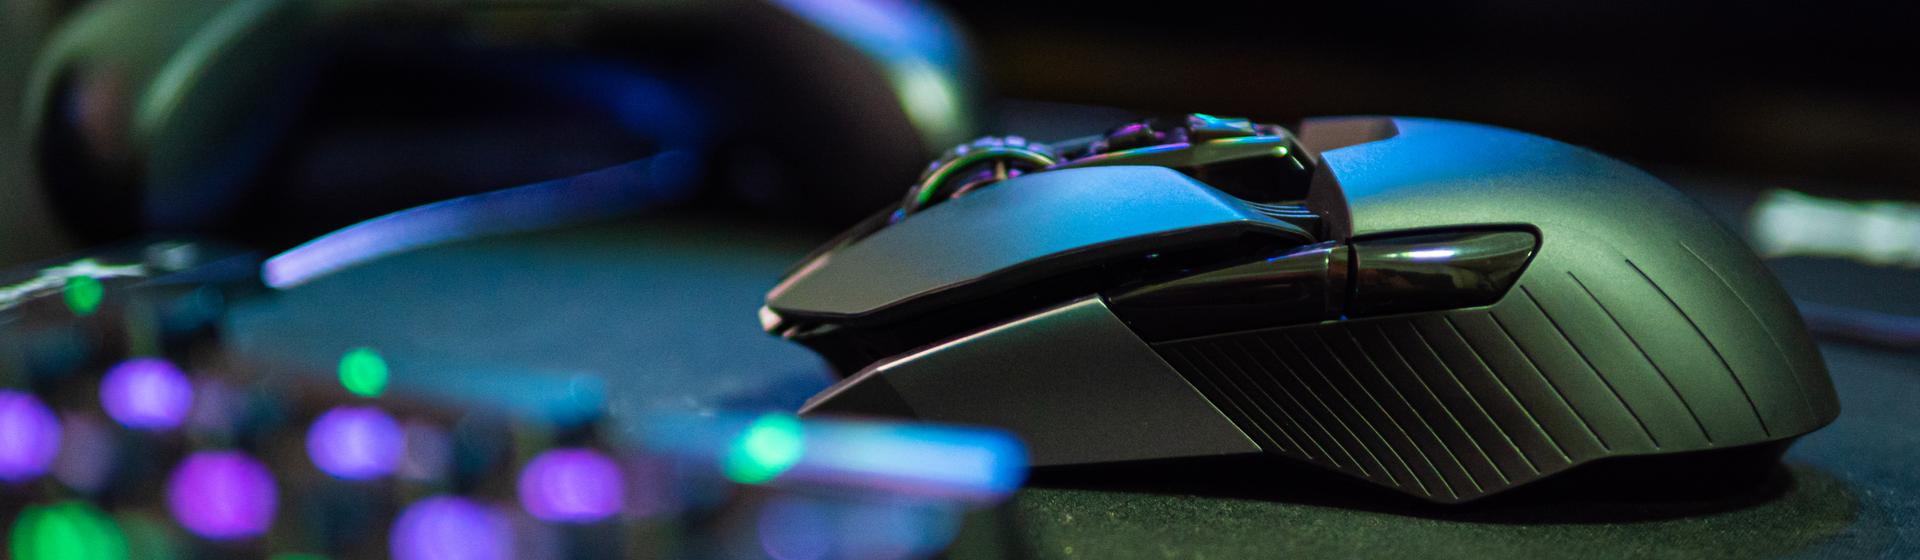 Melhor mouse gamer em 2020: 6 modelos para comprar no Brasil